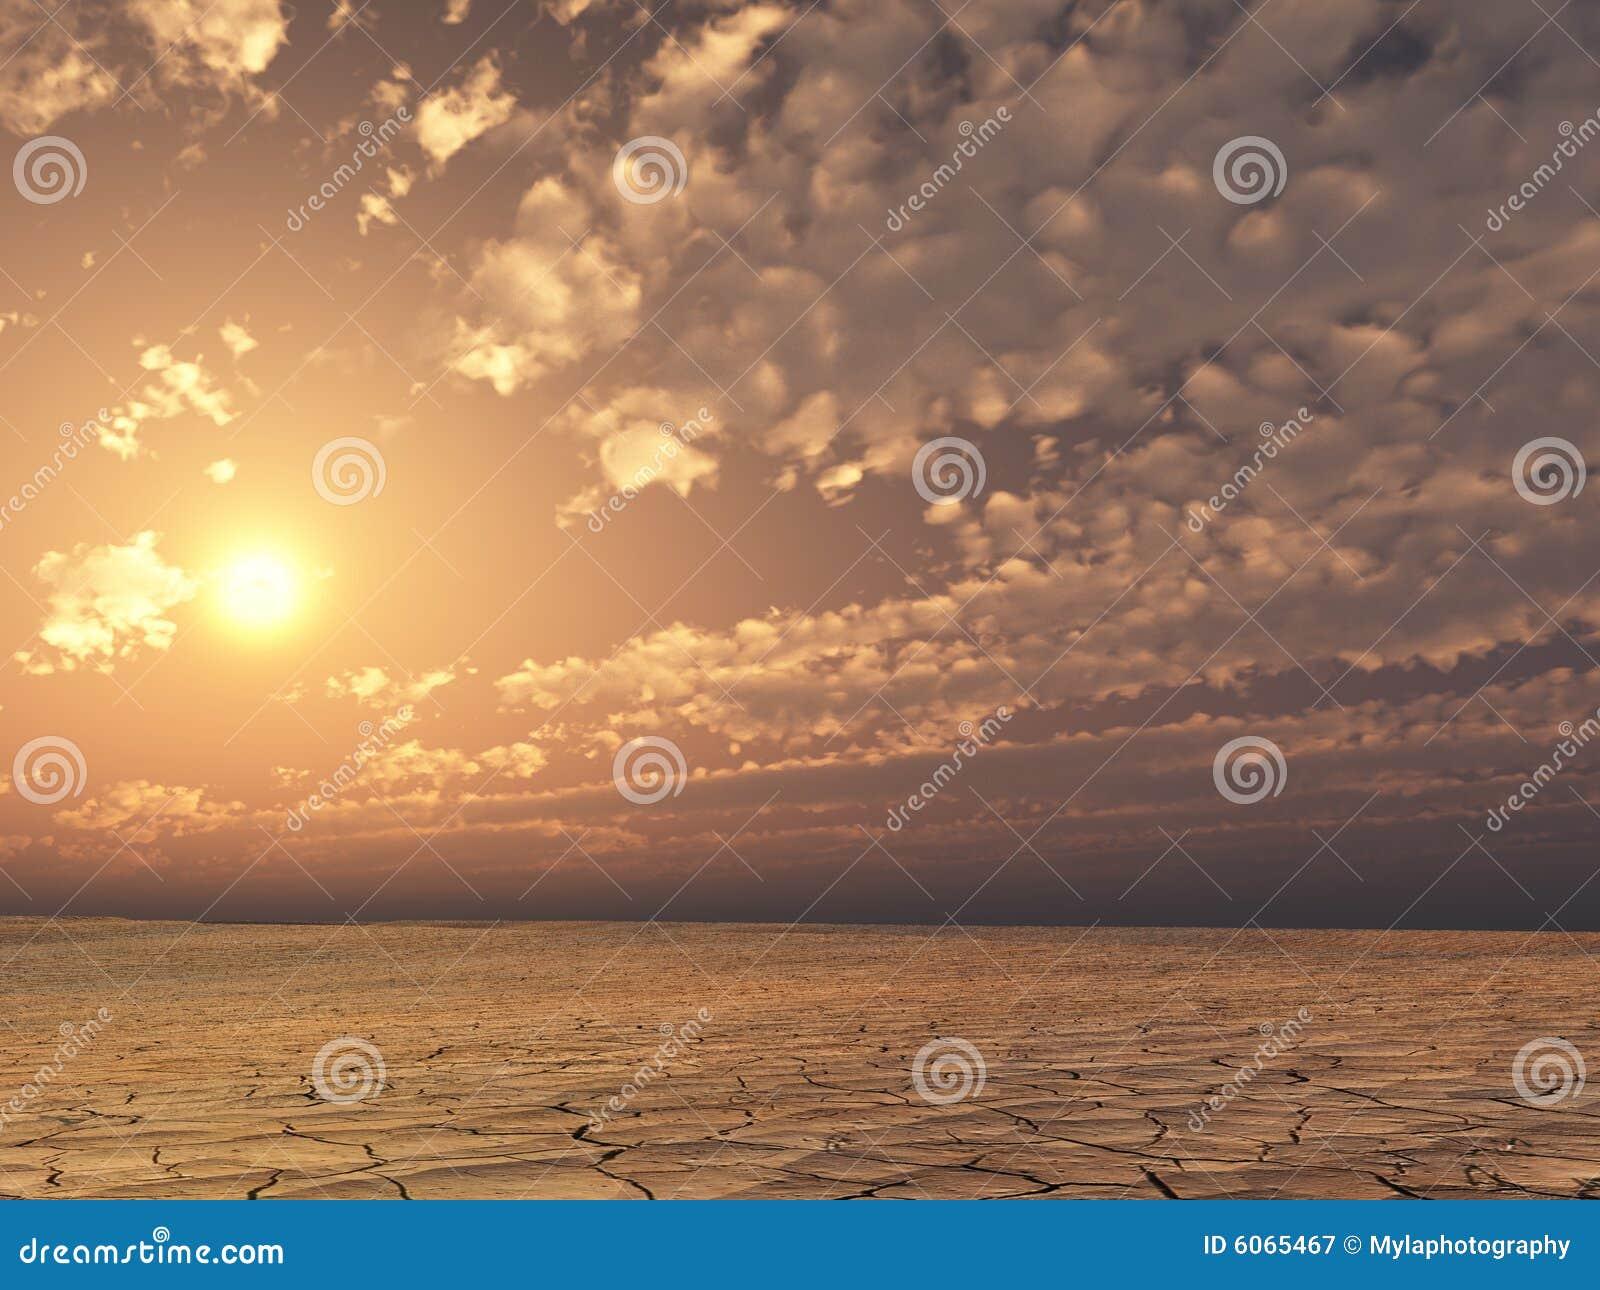 Desierto de la puesta del sol